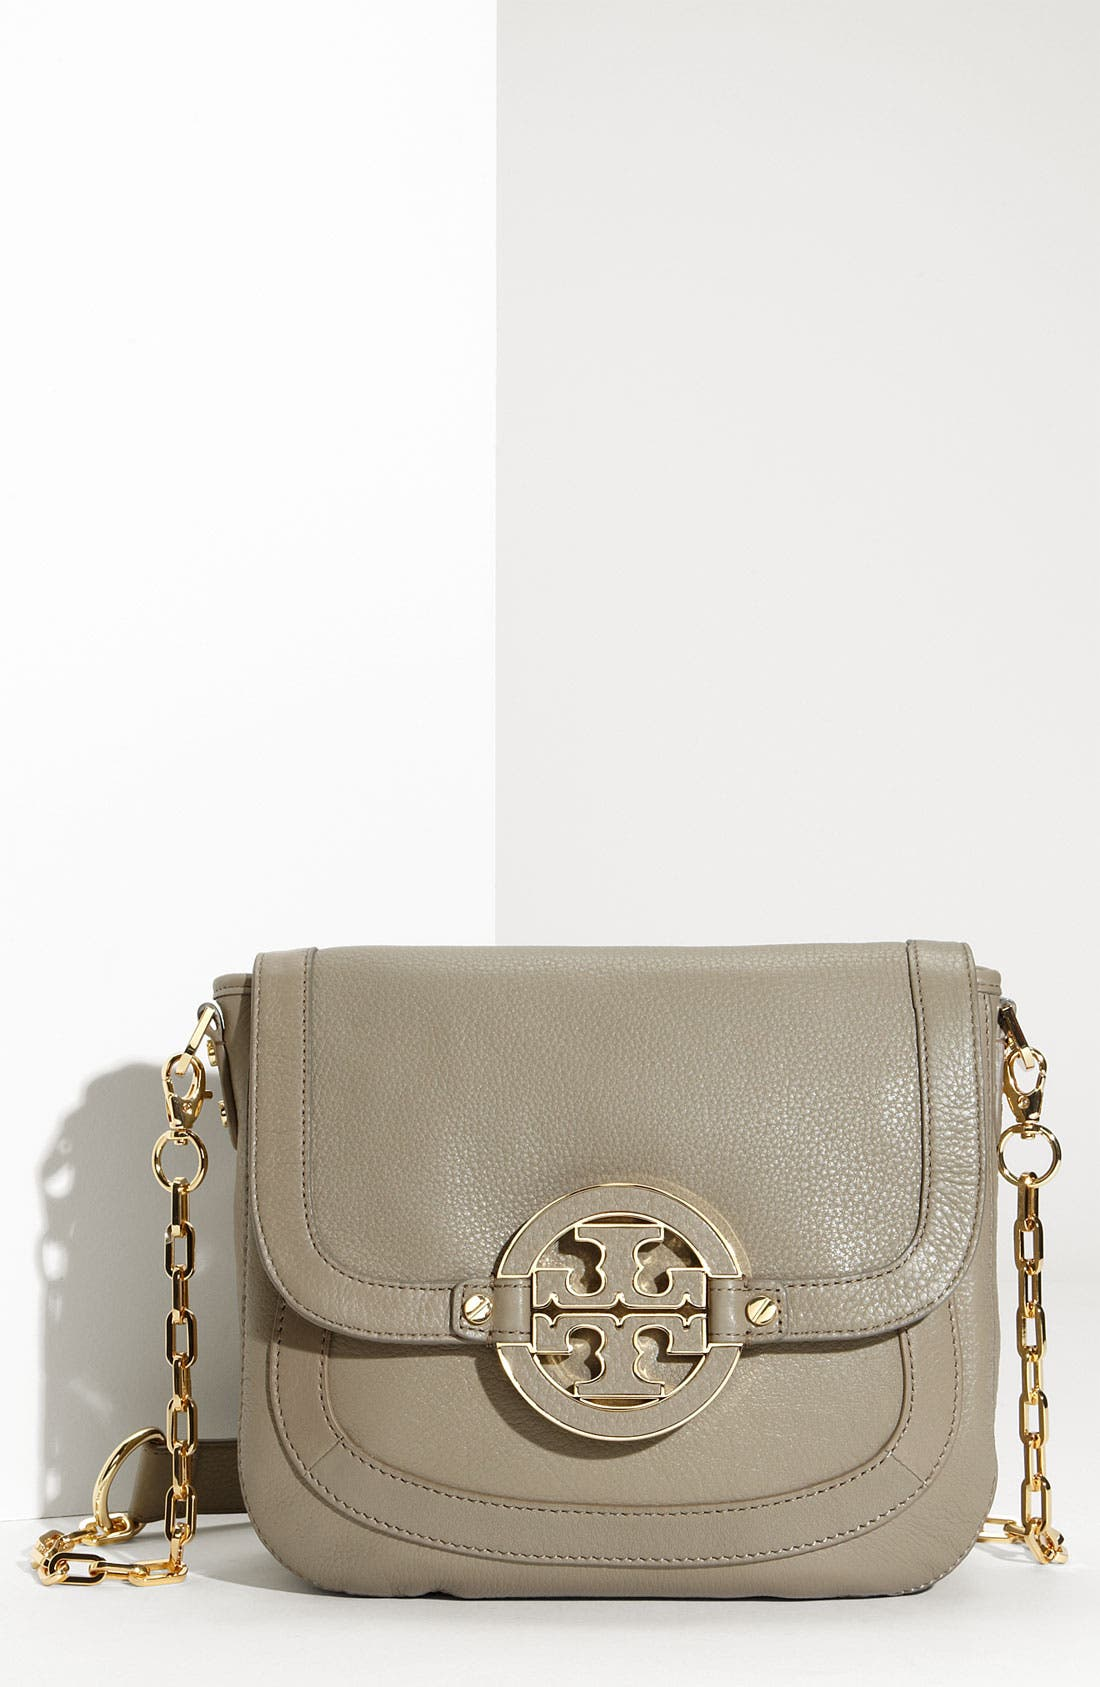 Main Image - Tory Burch 'Amanda' Messenger Bag